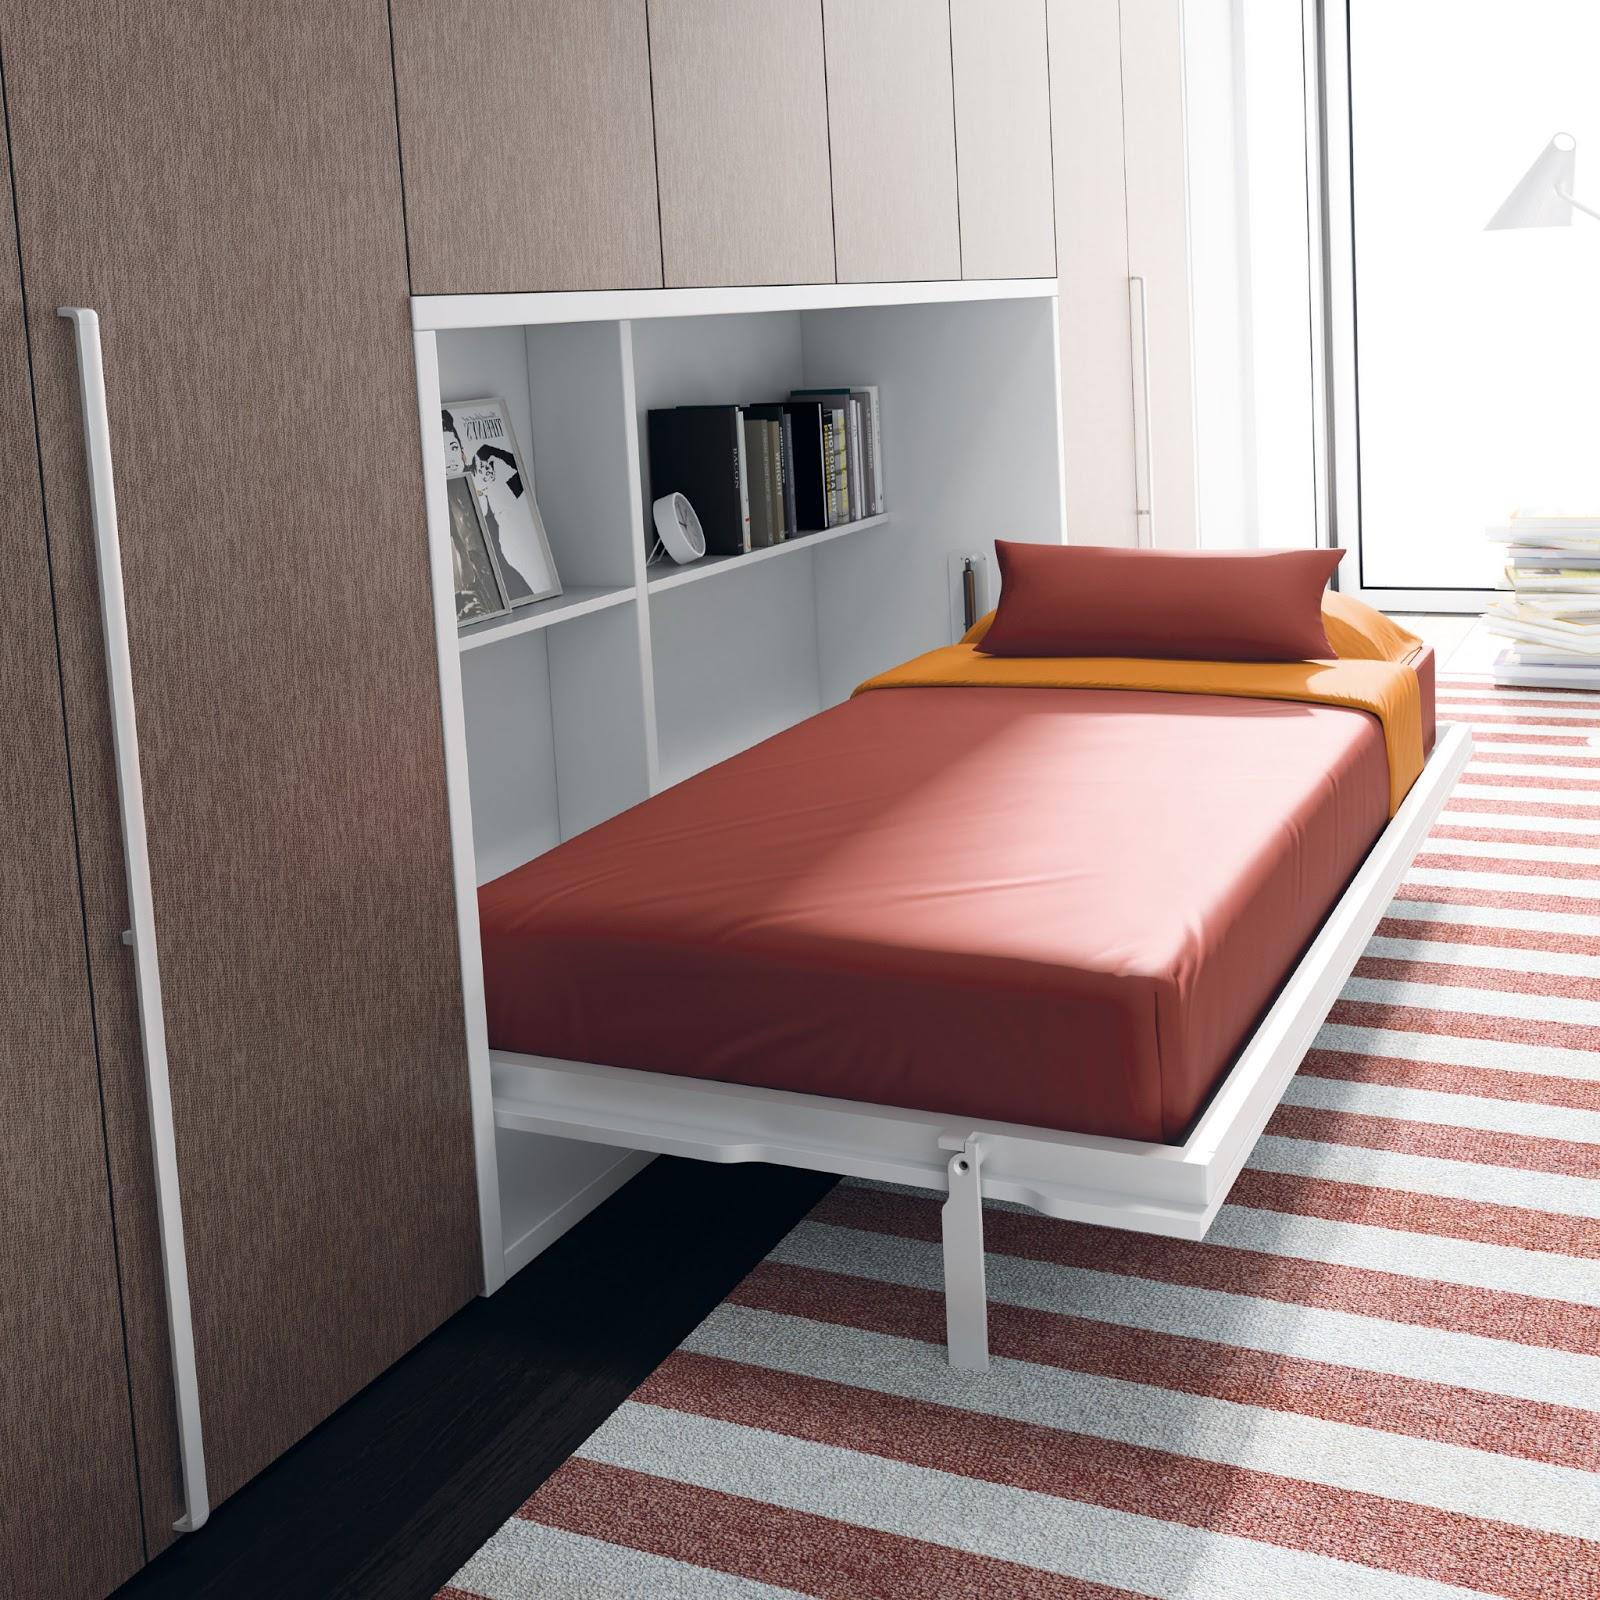 Muebles ros por qu una cama abatible for Muebles ballesta baza